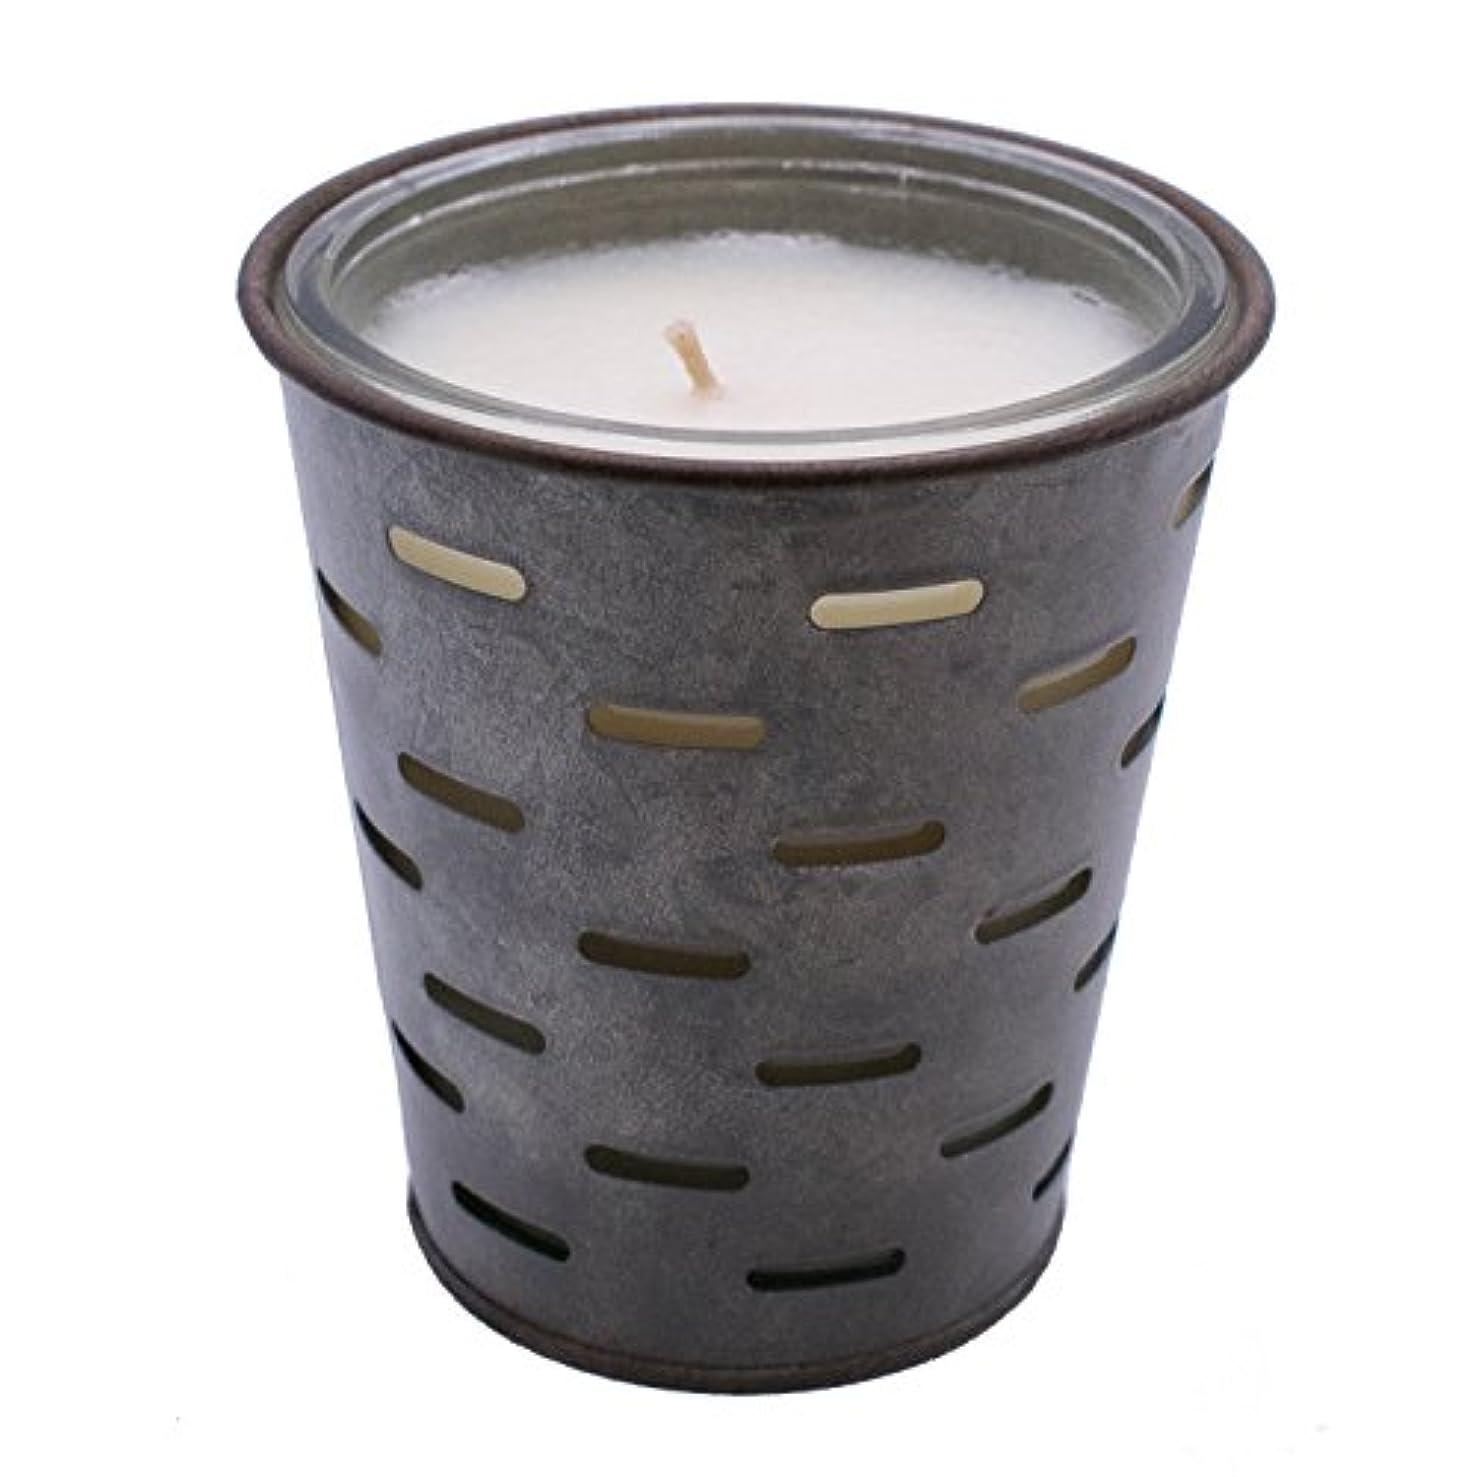 マージキャリア日付付きSweetオリーブ、オリーブバケットFragrance Candle優れ、香り、ガラスJar in Tin Pot亜鉛メッキ、13oz